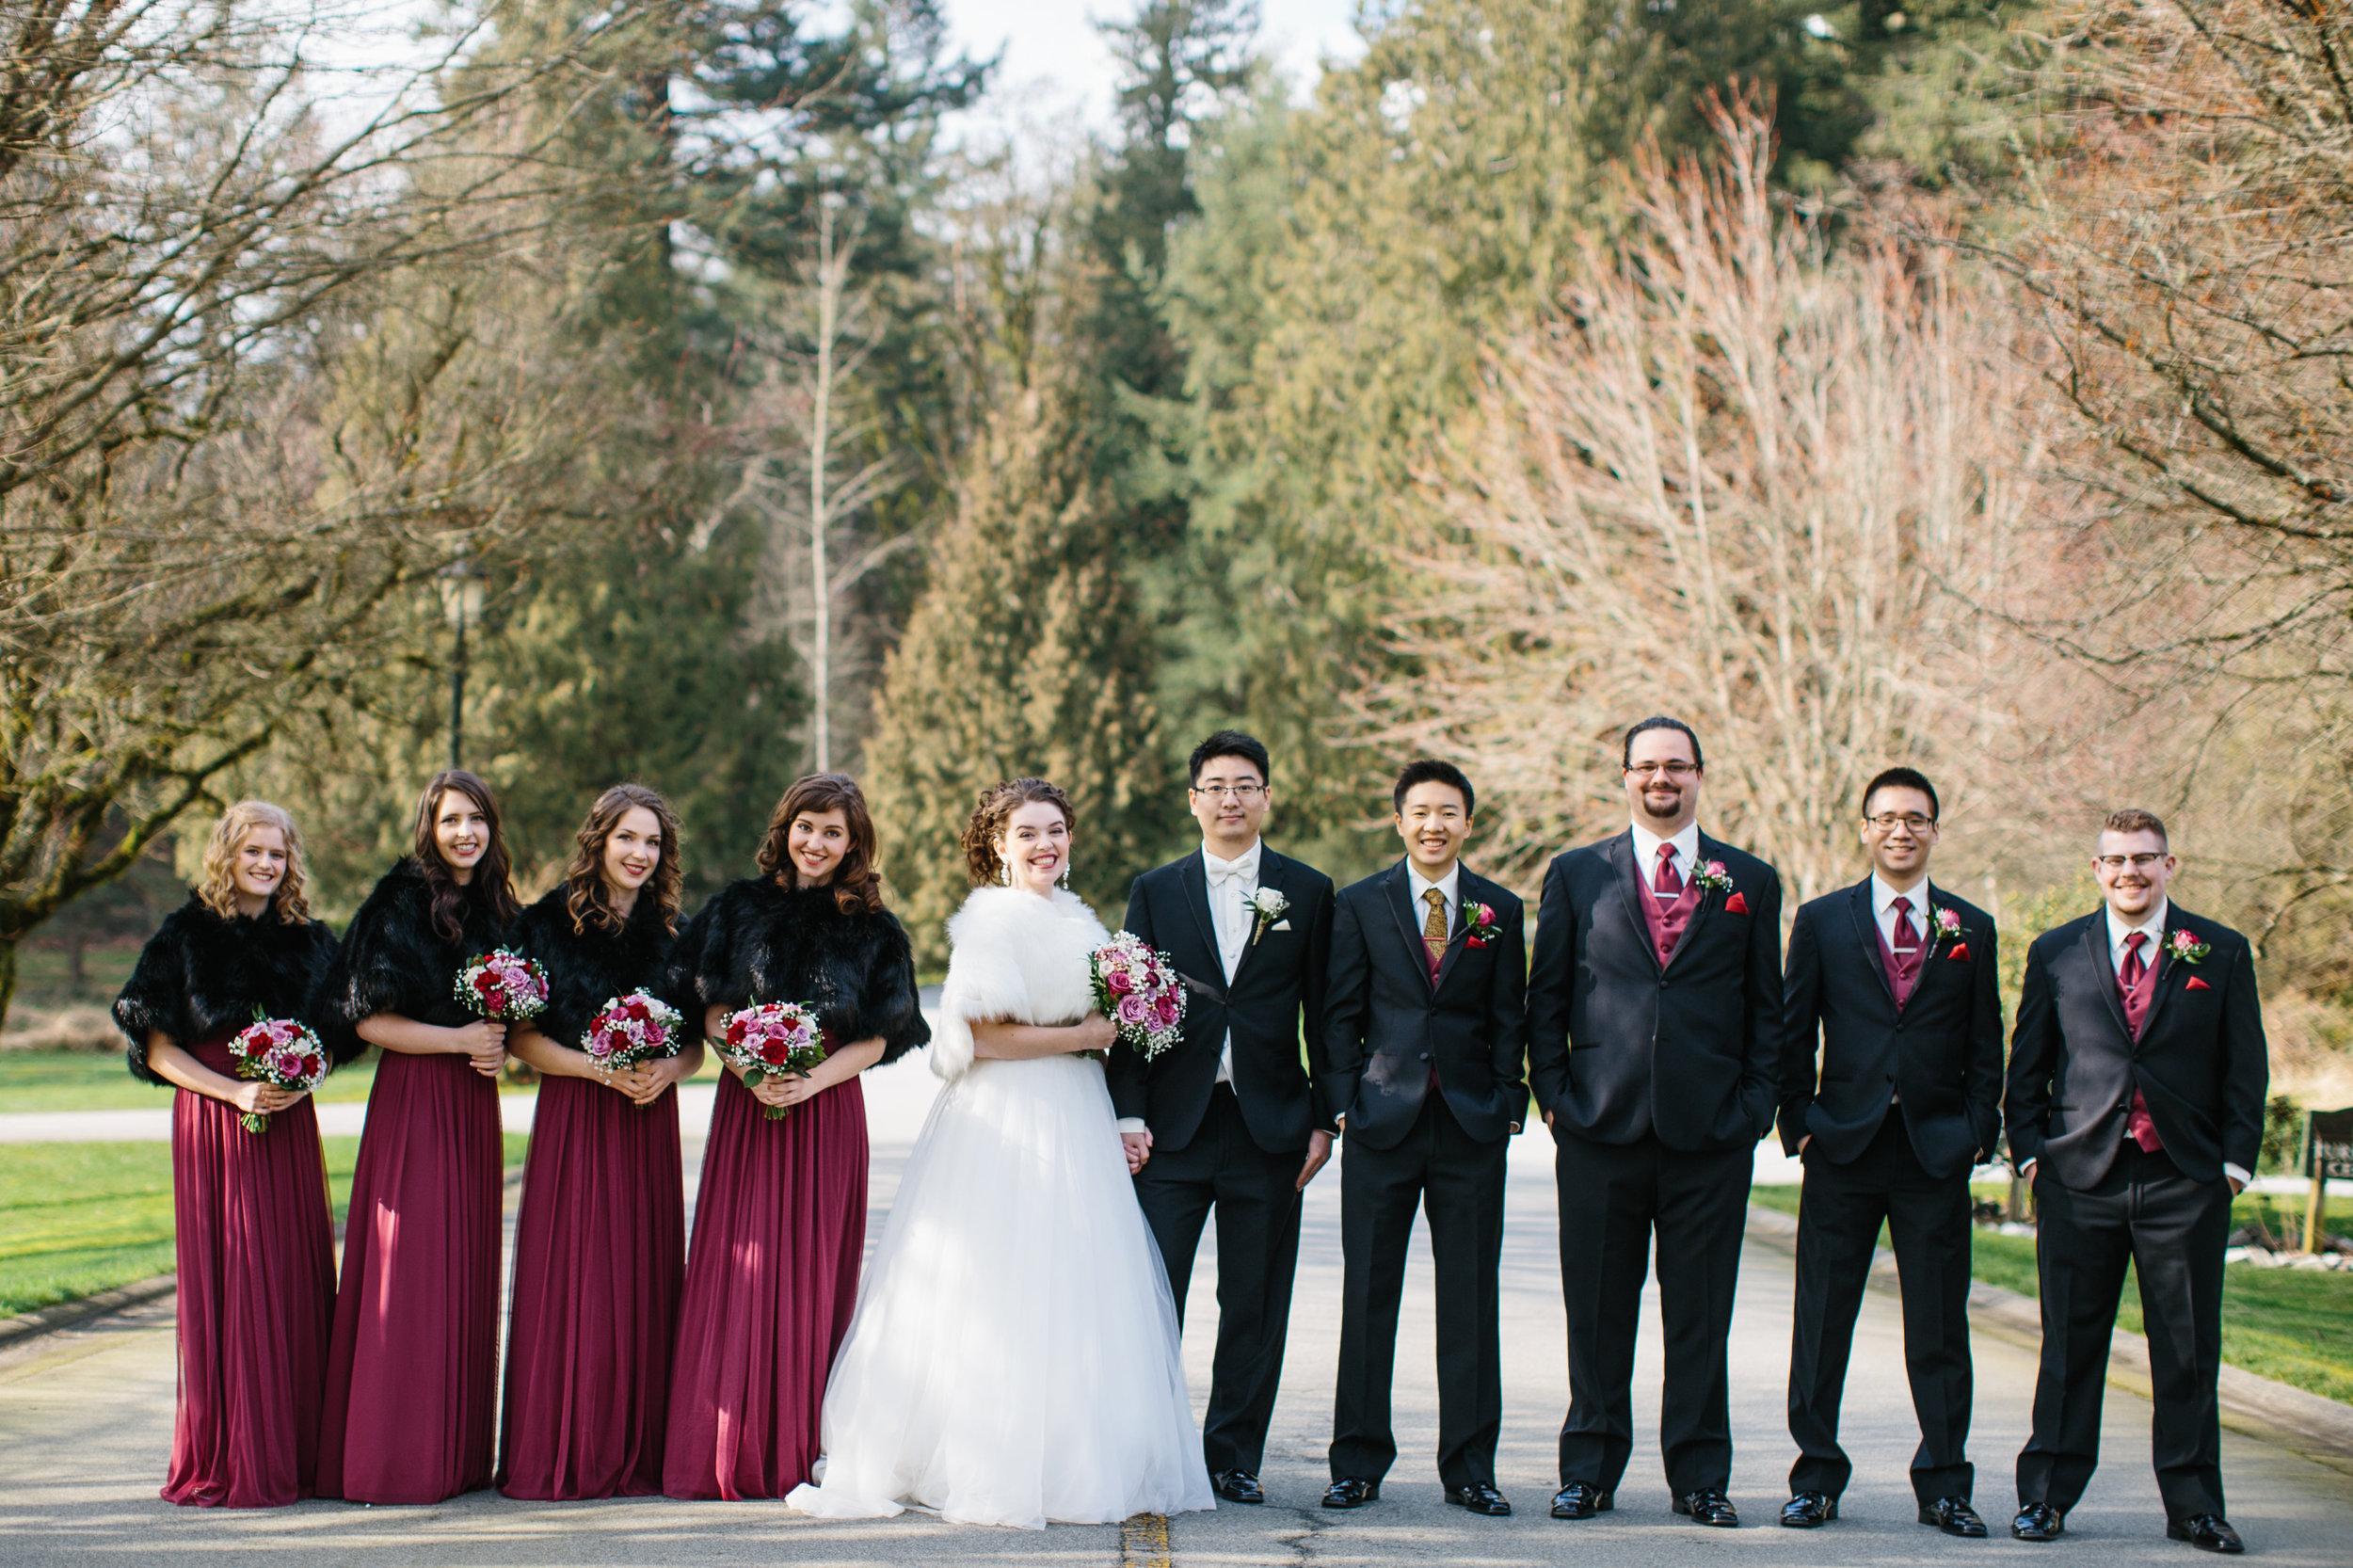 Tim Rachel-Wedding Highlights-0077.jpg